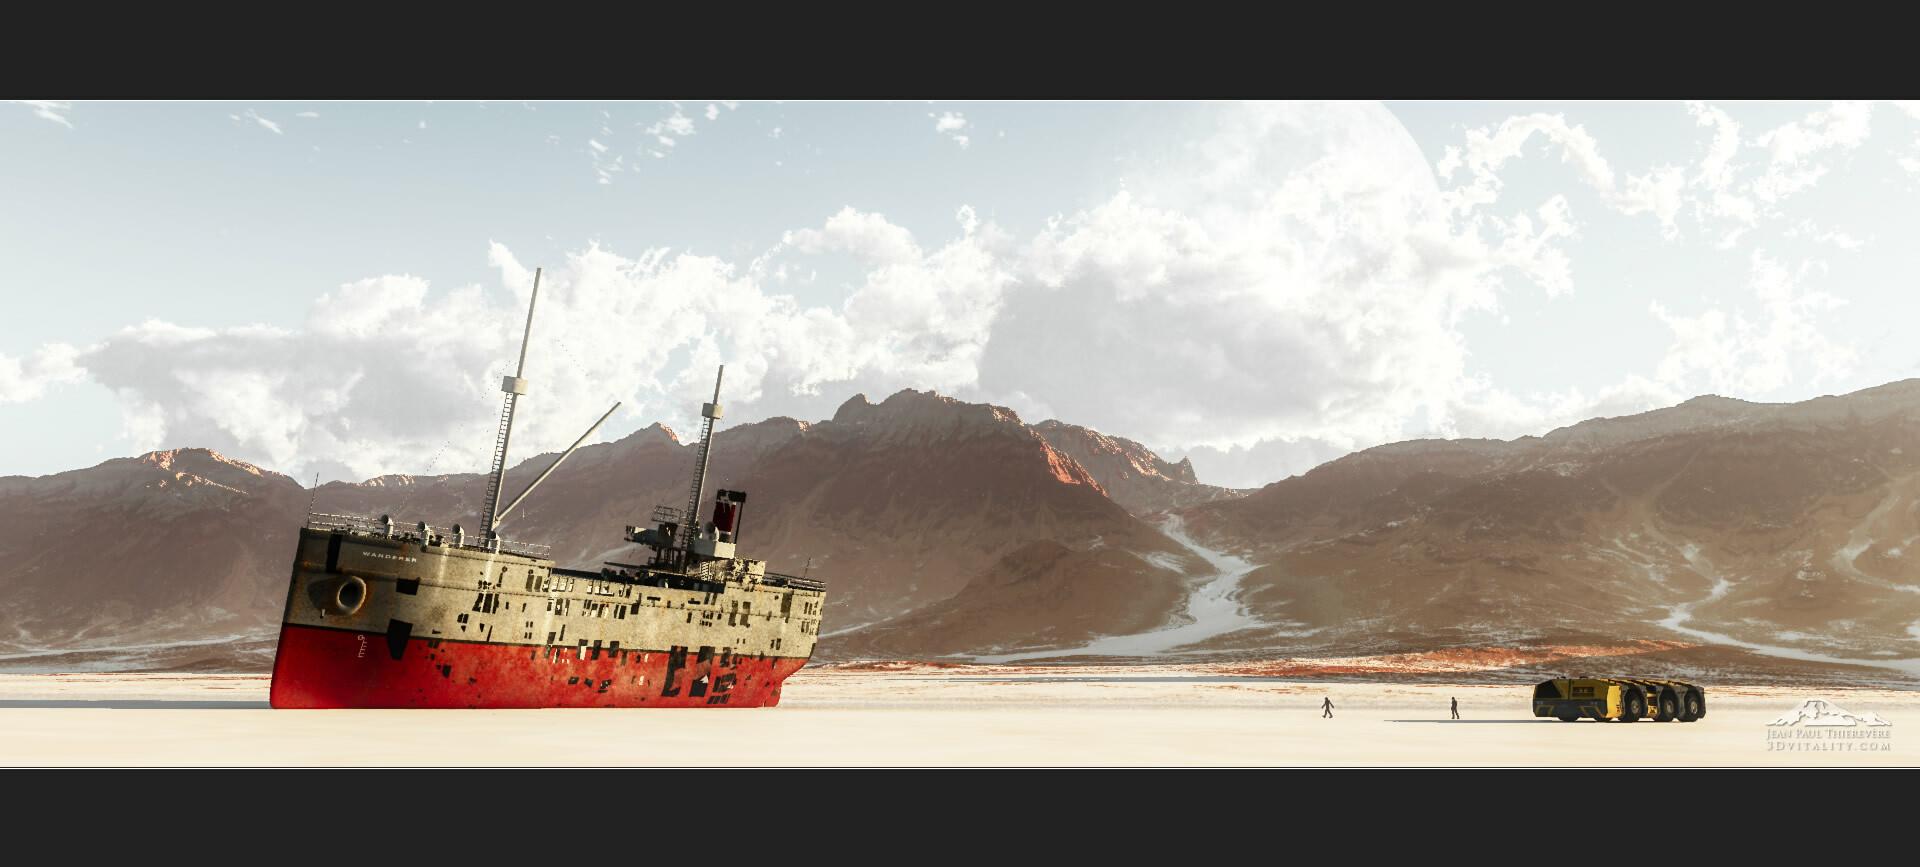 postworked render with Aurora 2019